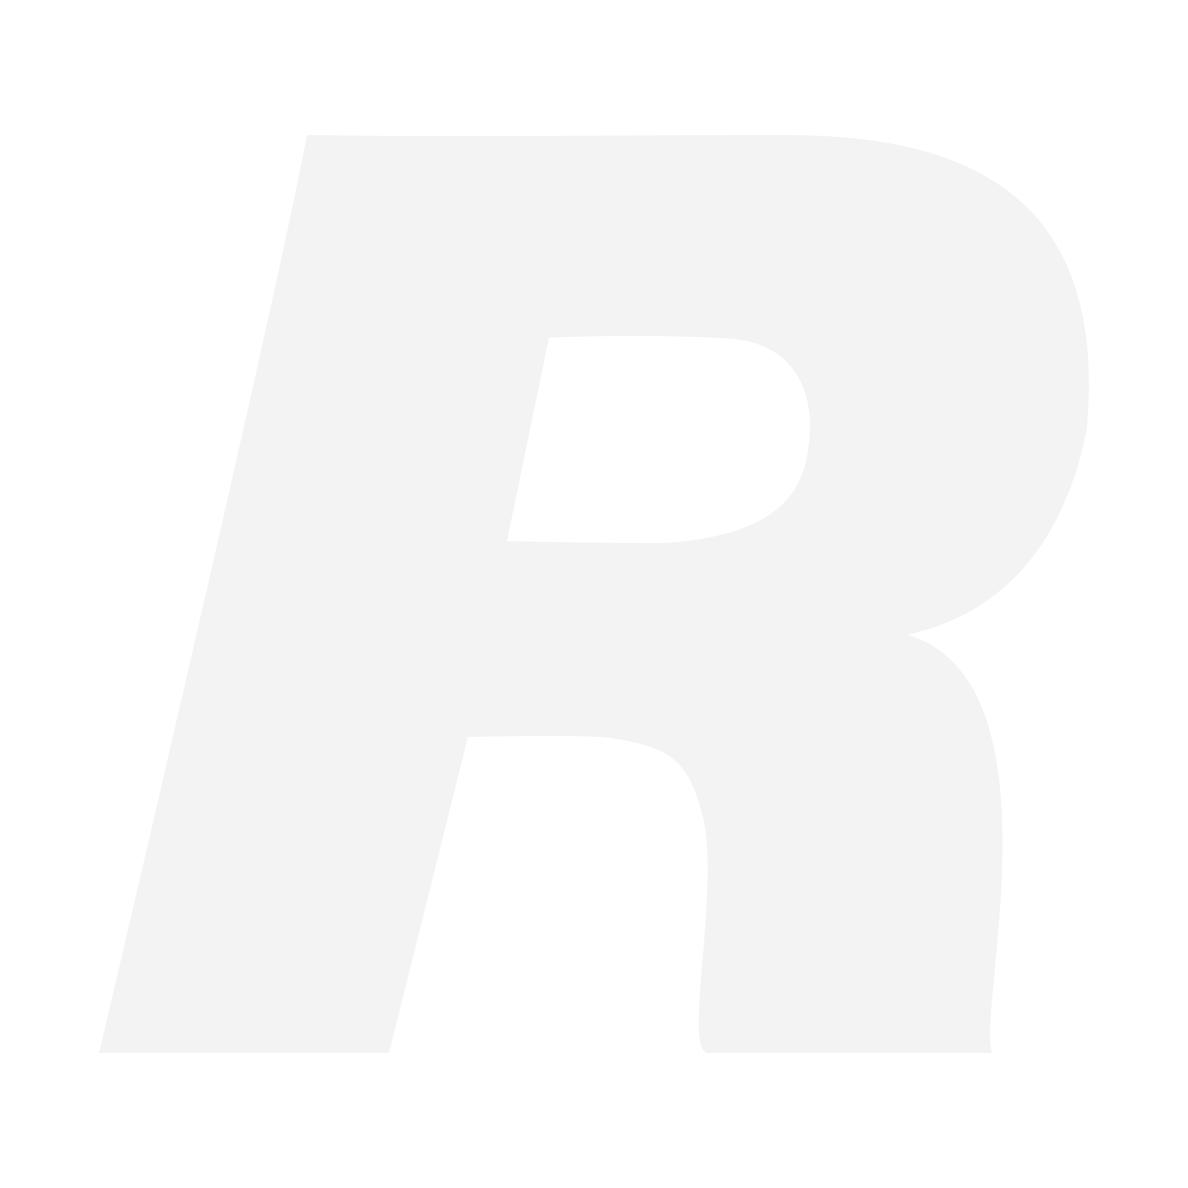 CONTOUR Design RollerMouse Pro3